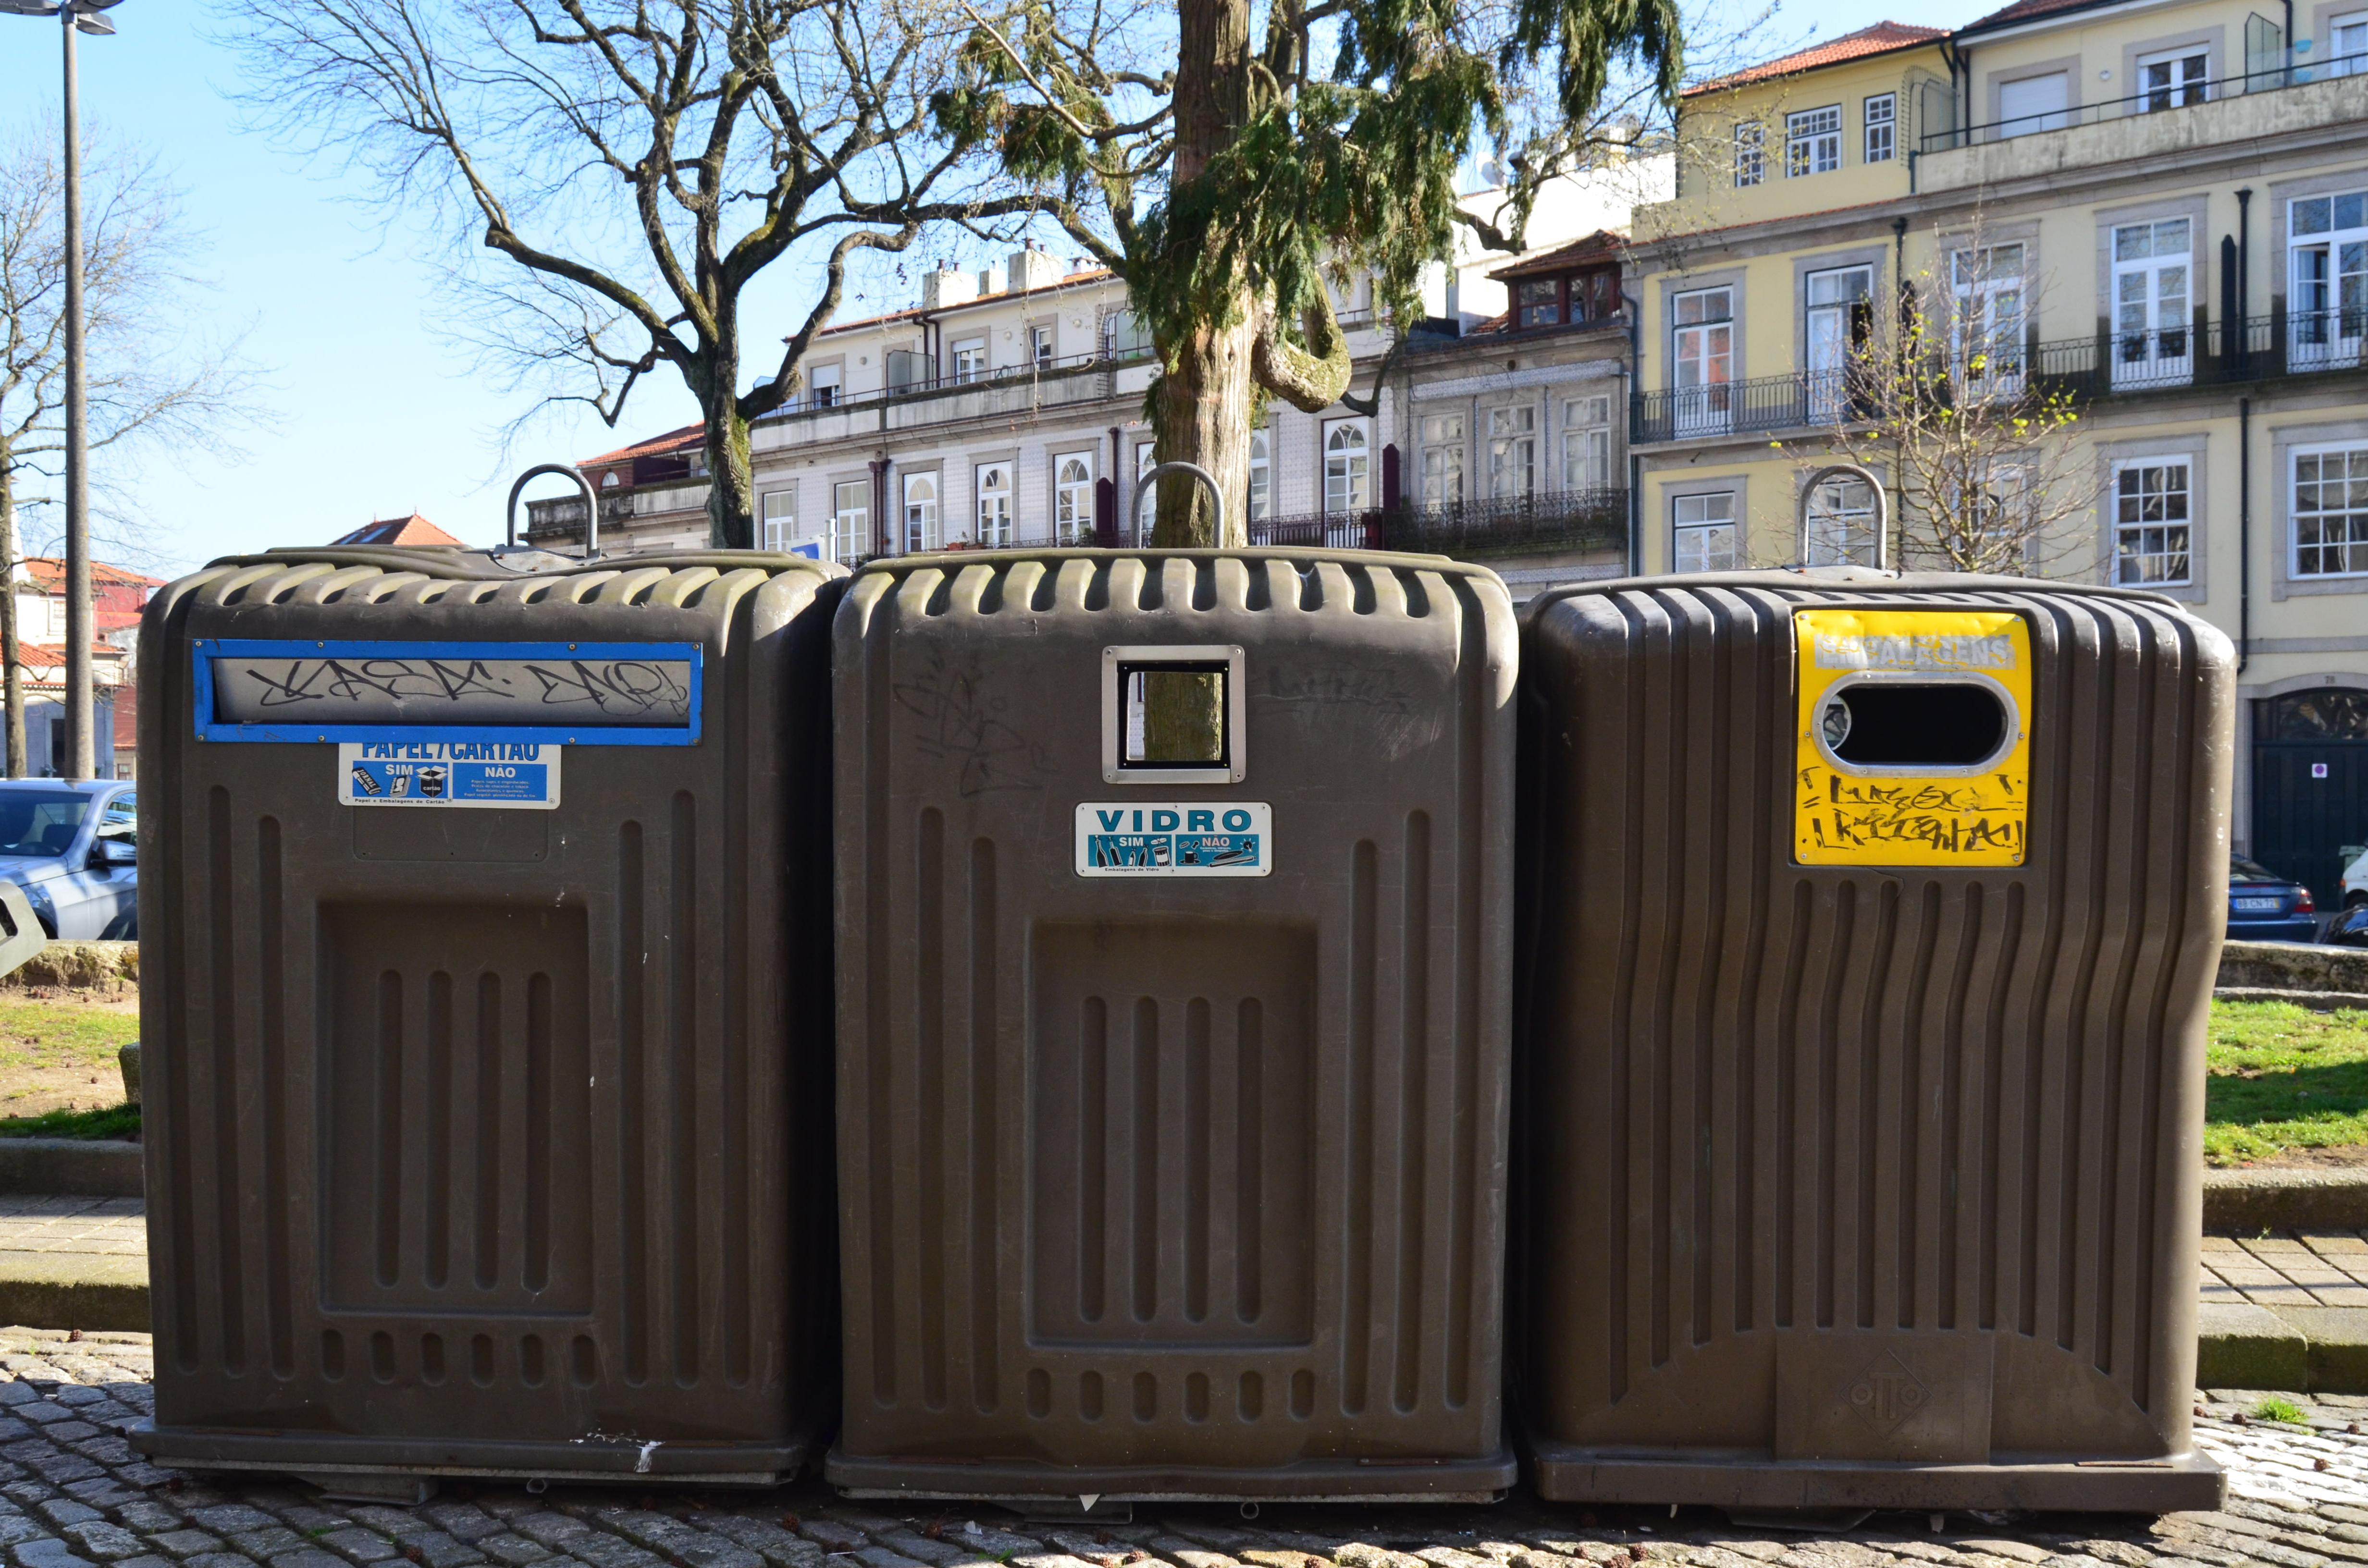 A Câmara Municipal do Porto aprovou a criação de uma empresa municipal para gestão de resíduos e limpeza da cidade